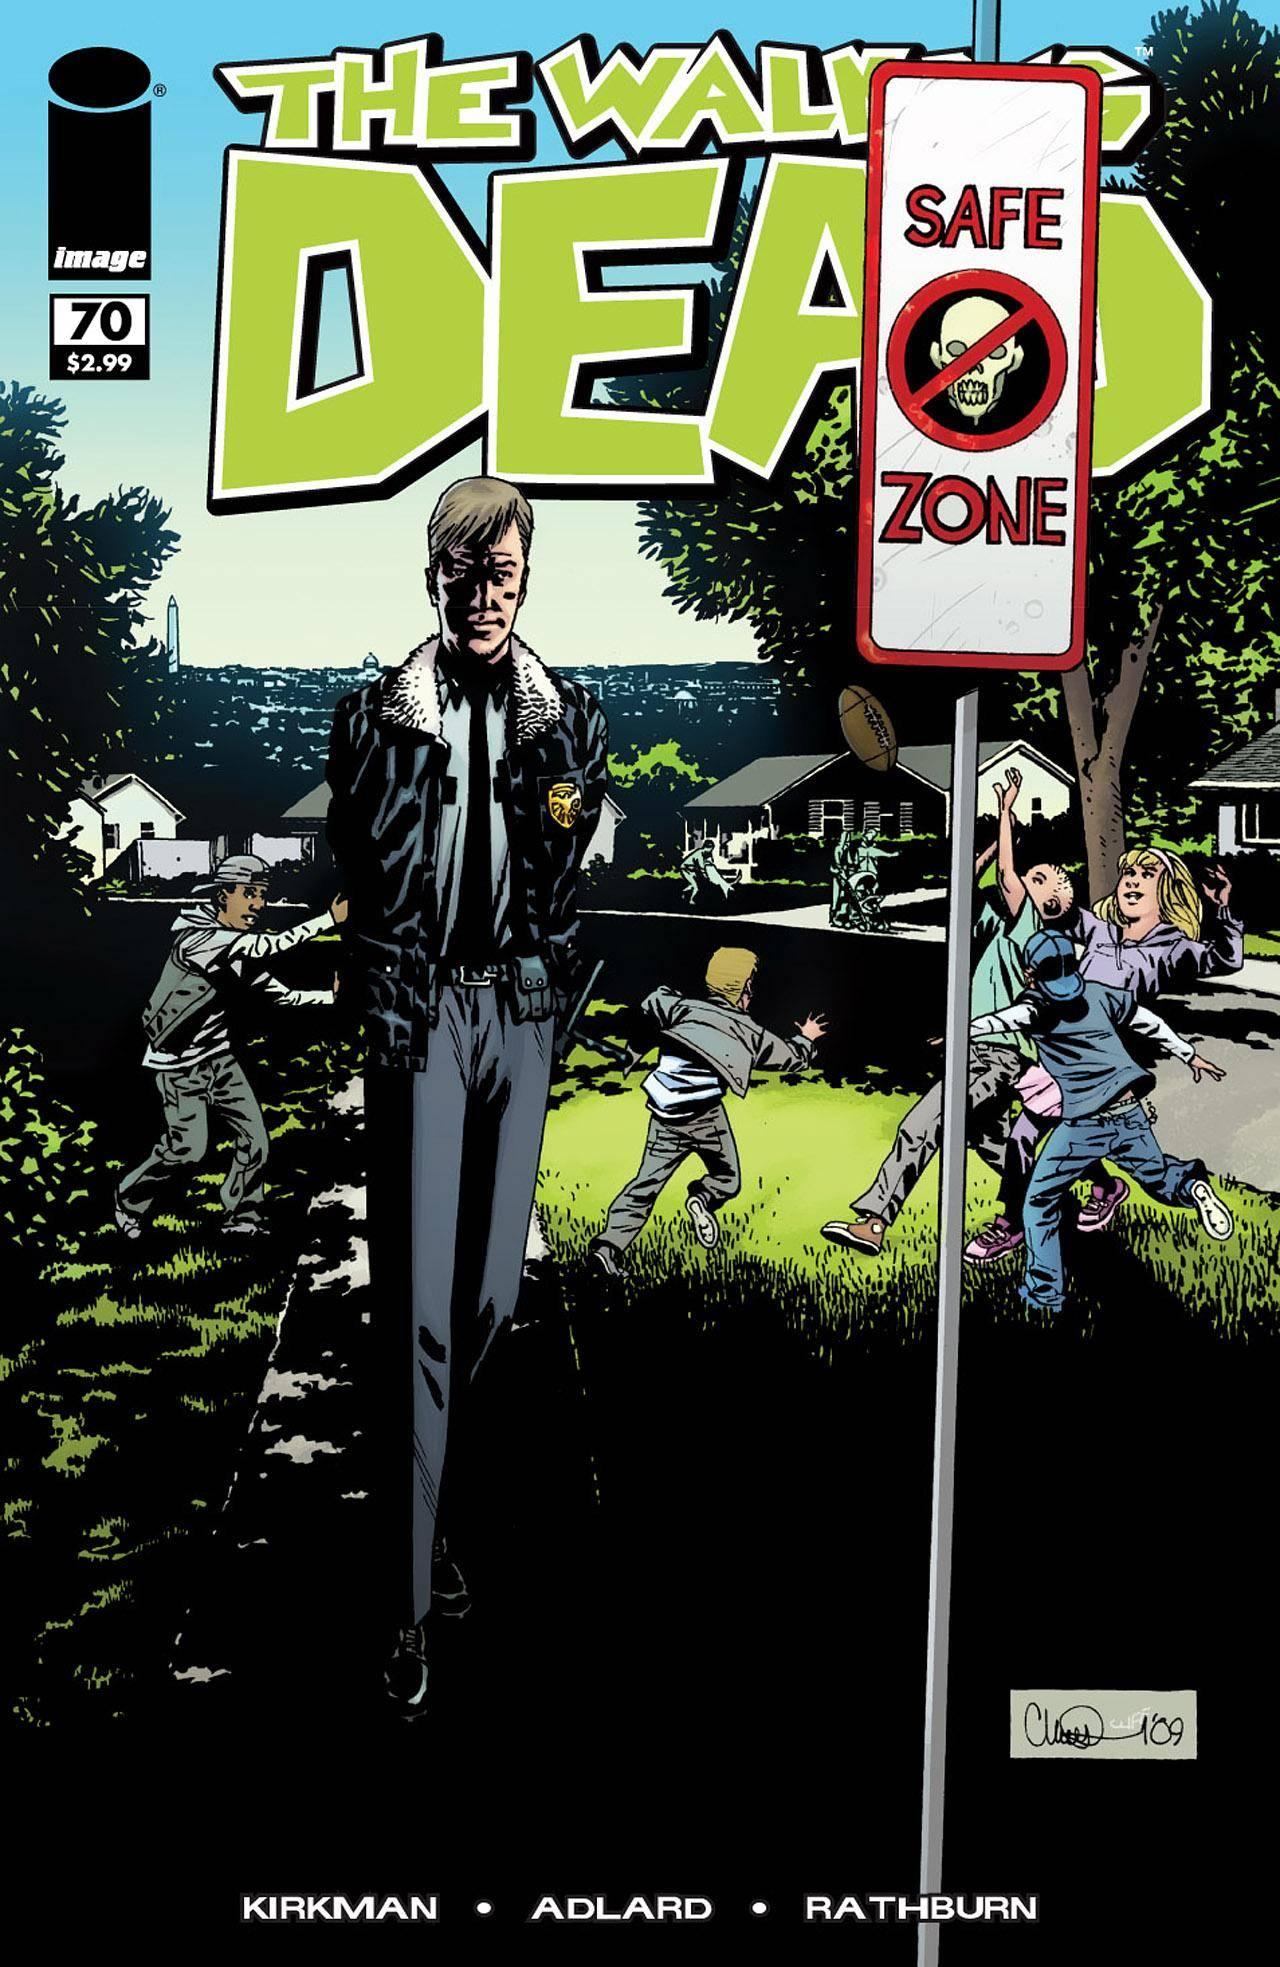 Walking Dead 070 2010 digital